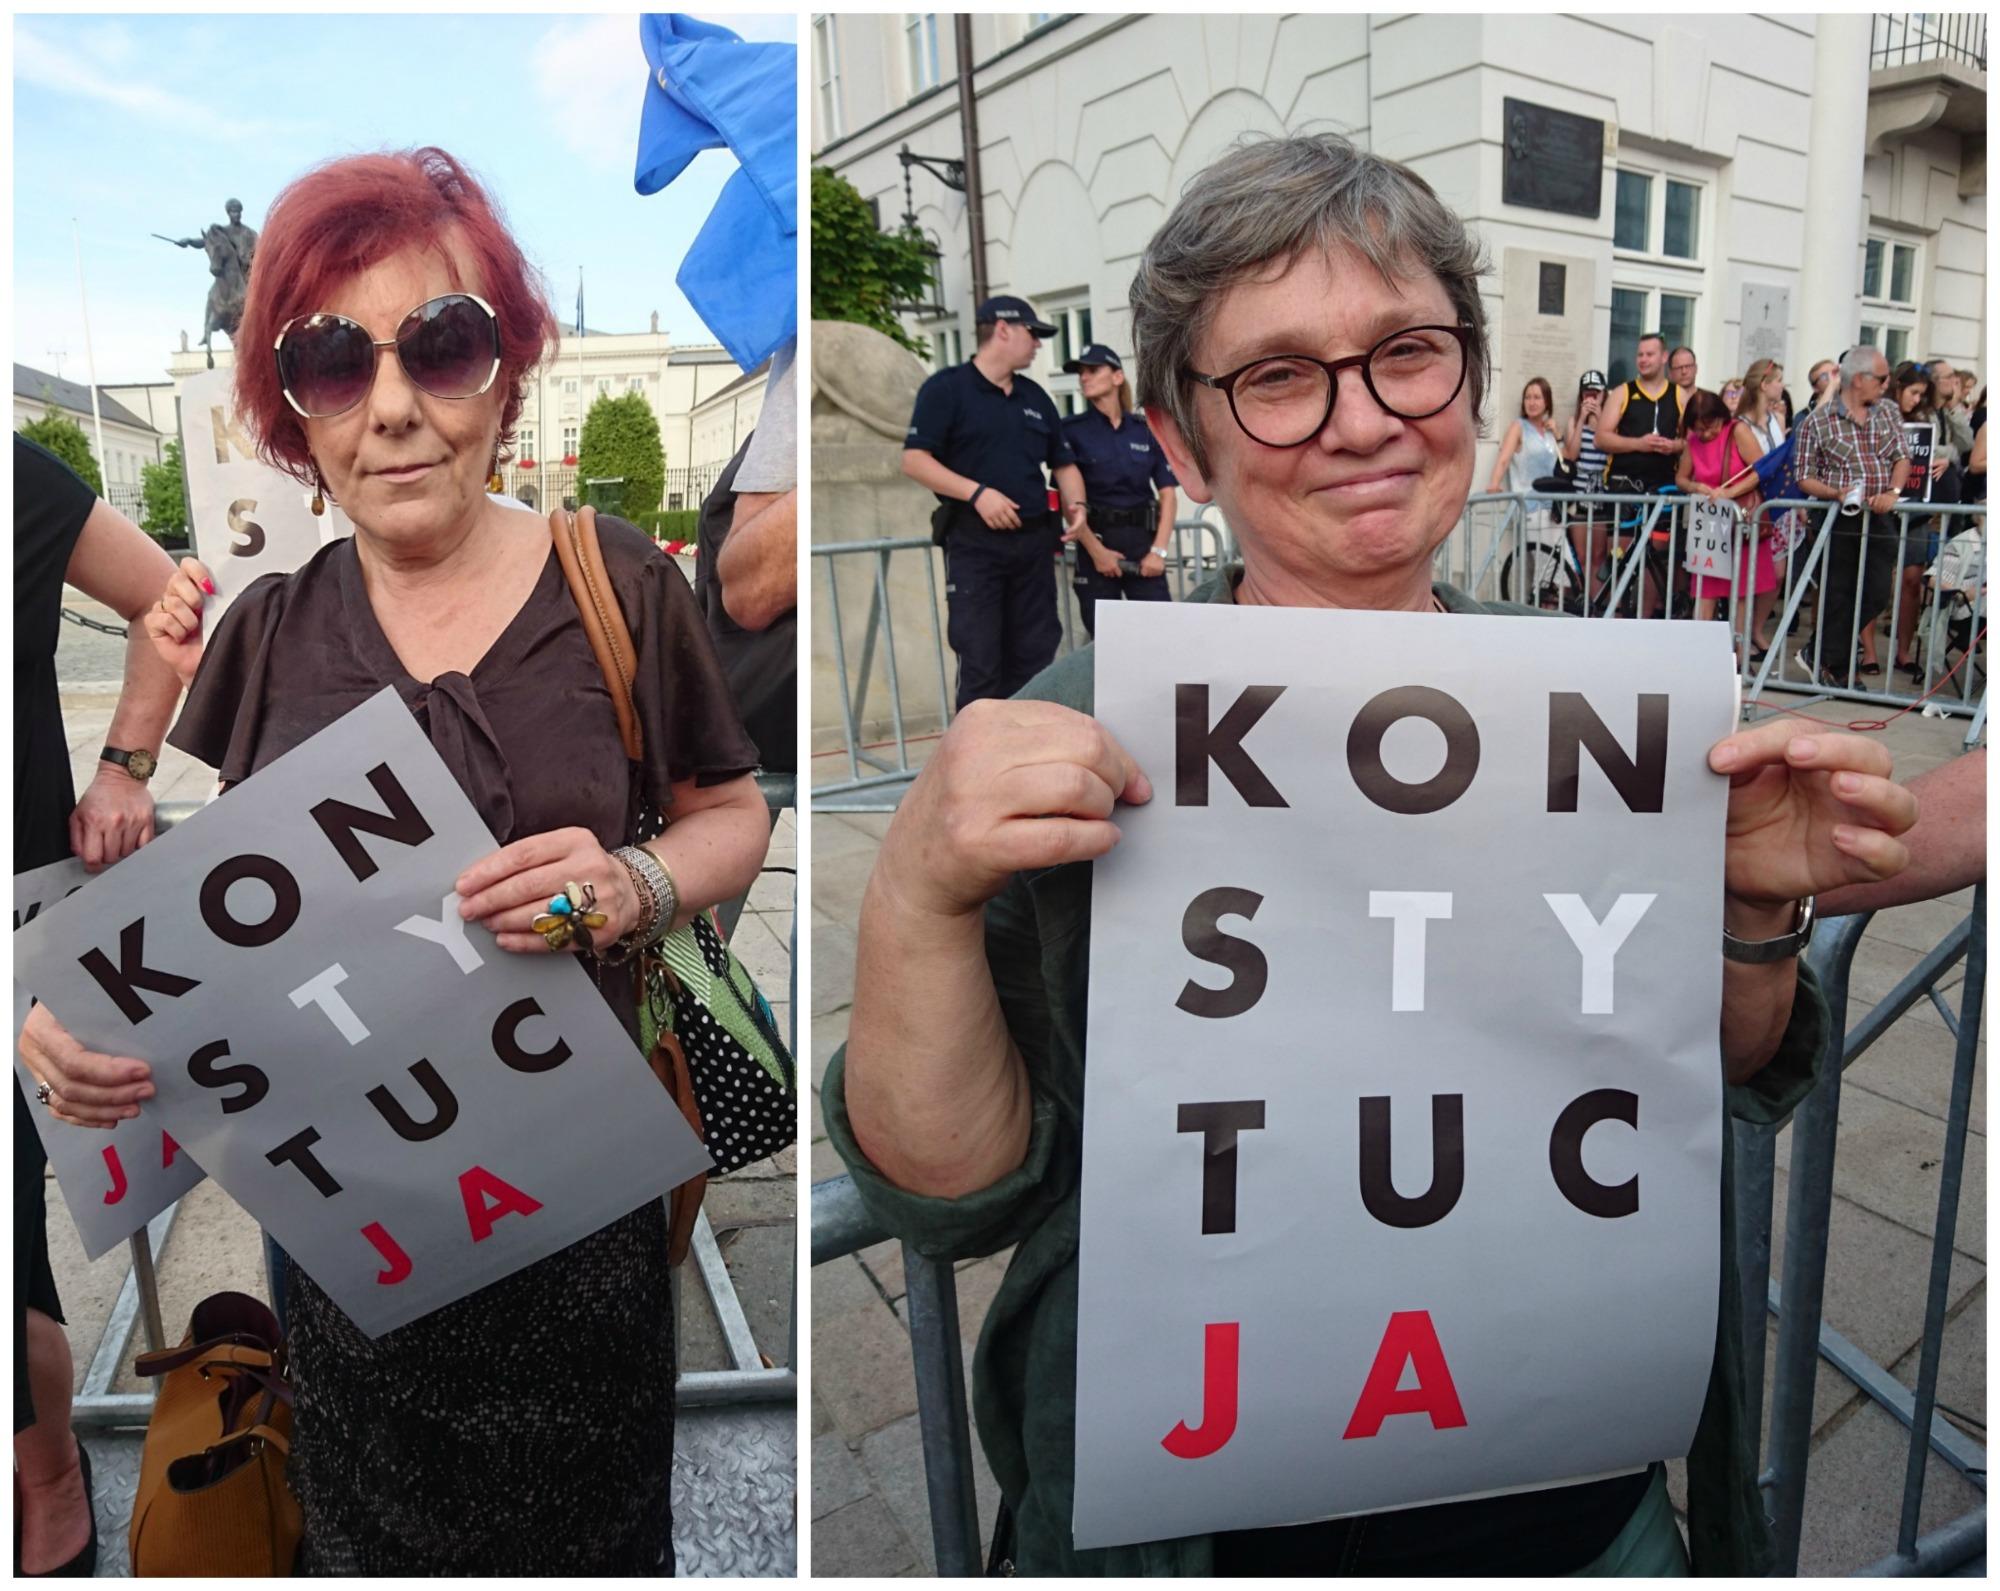 Jolanta, artysta plastyk, i Ewa - nauczyciel fizyki (fot. Weekend Gazeta.pl)